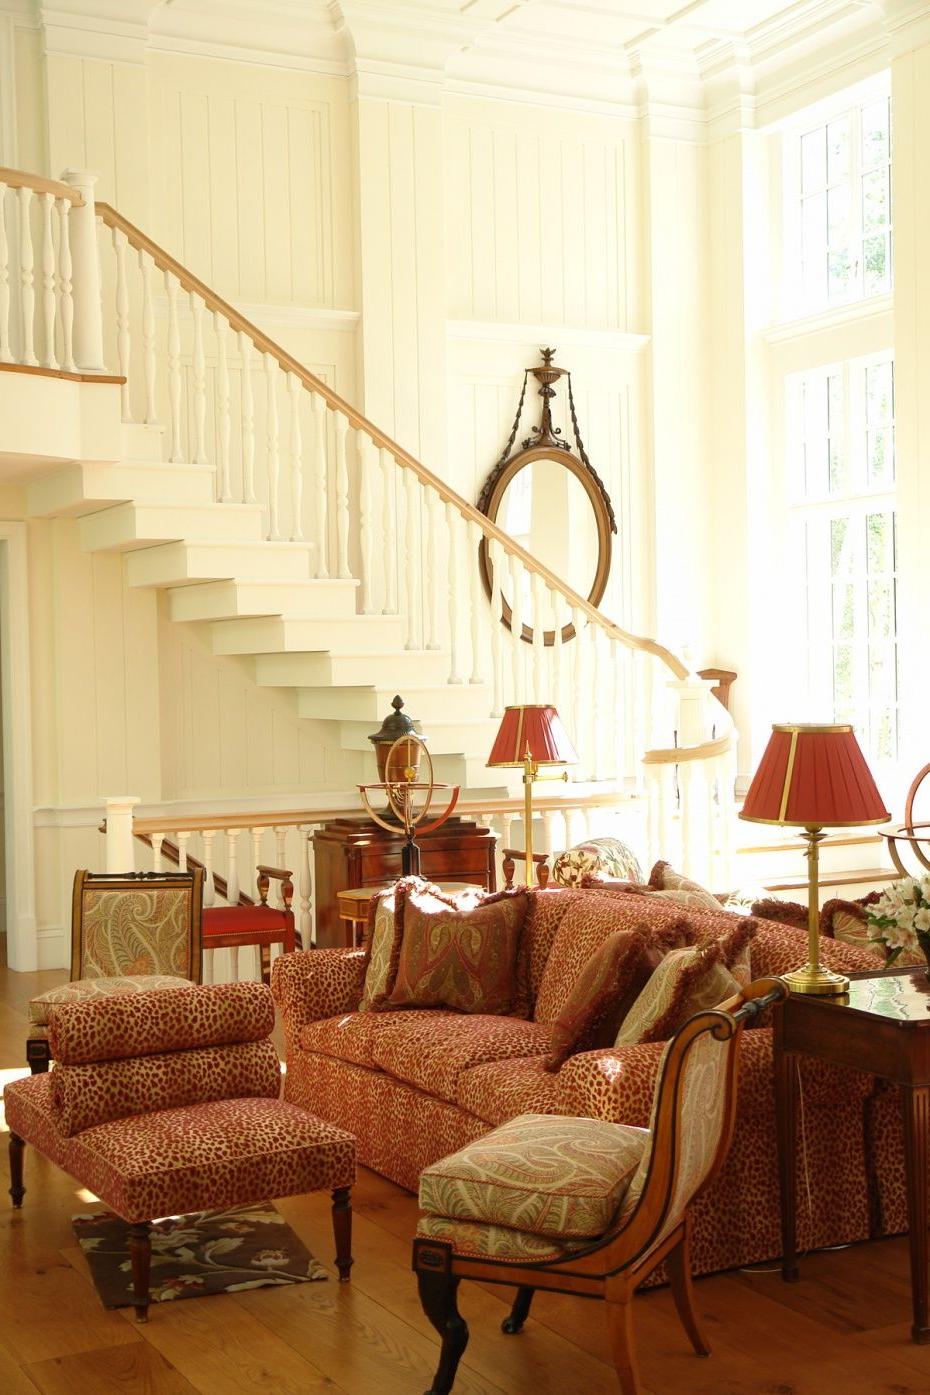 Design Carolyne Roehm Beautiful Interior Design